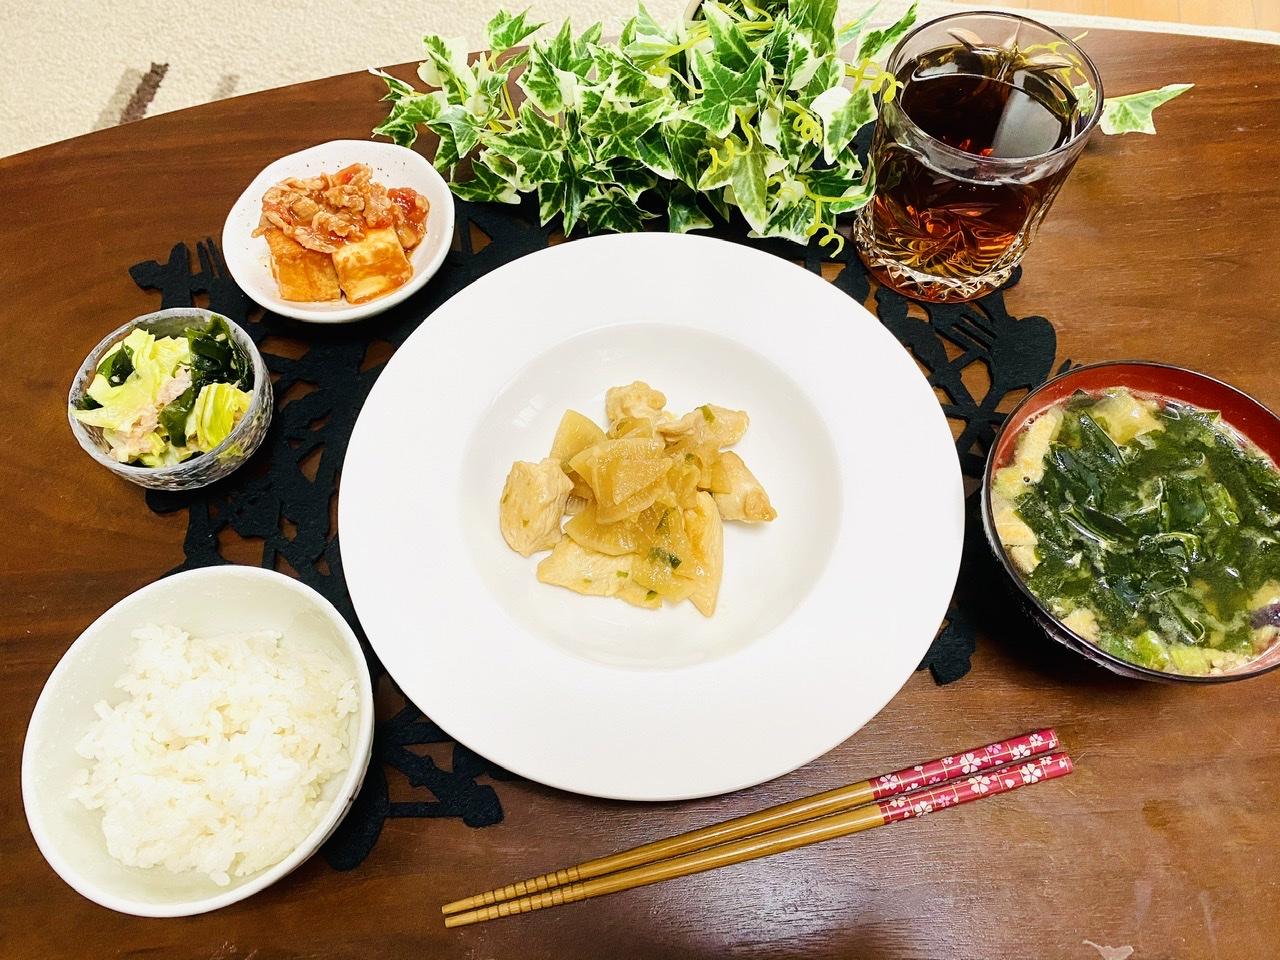 【今月のお家ごはん】アラサー女子の食卓!作り置きおかずでラク晩ご飯♡-Vol.12-_9